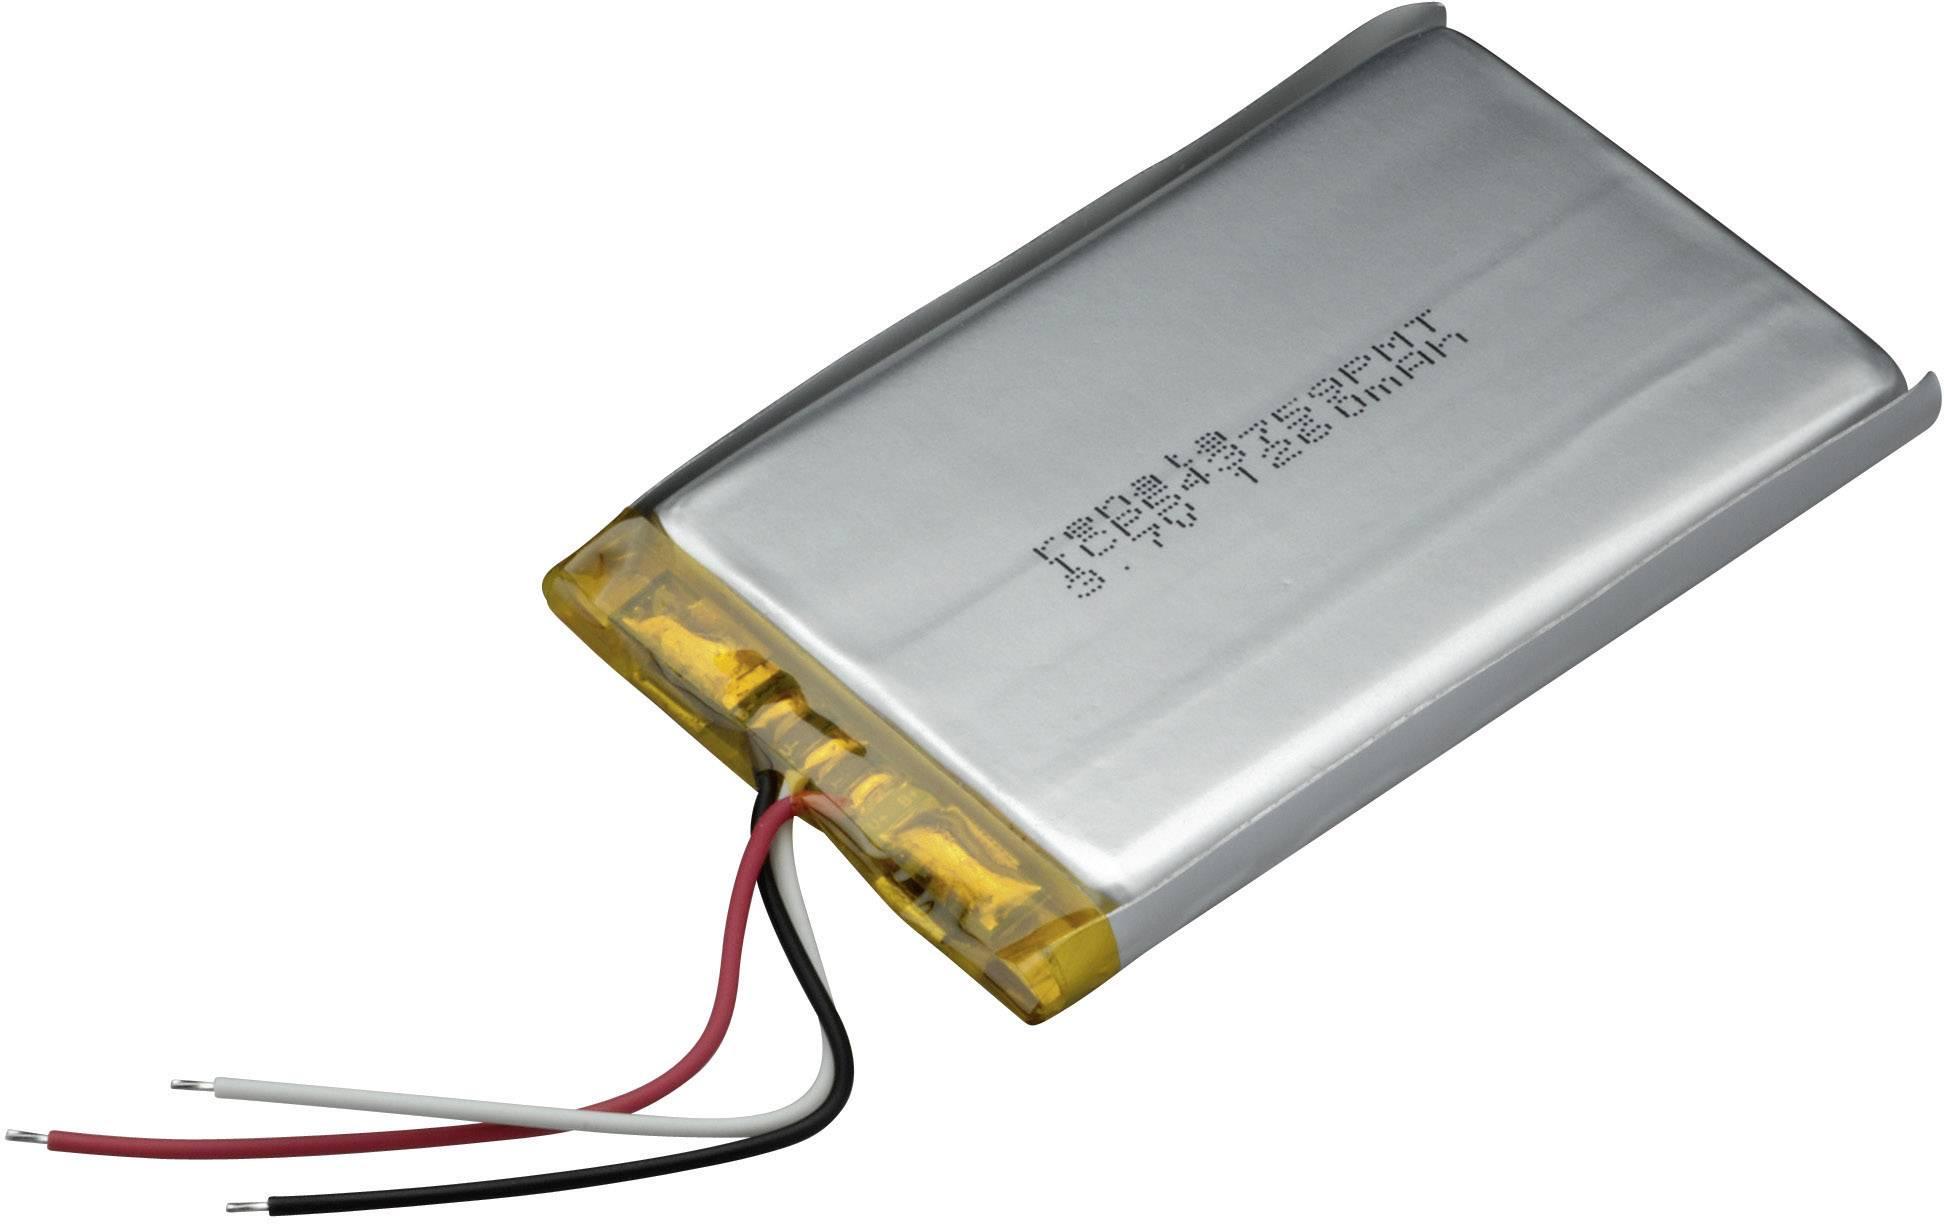 Akumulátor Li-Pol Renata, 3,7 V, 1320 mAh, ICP543759PMT